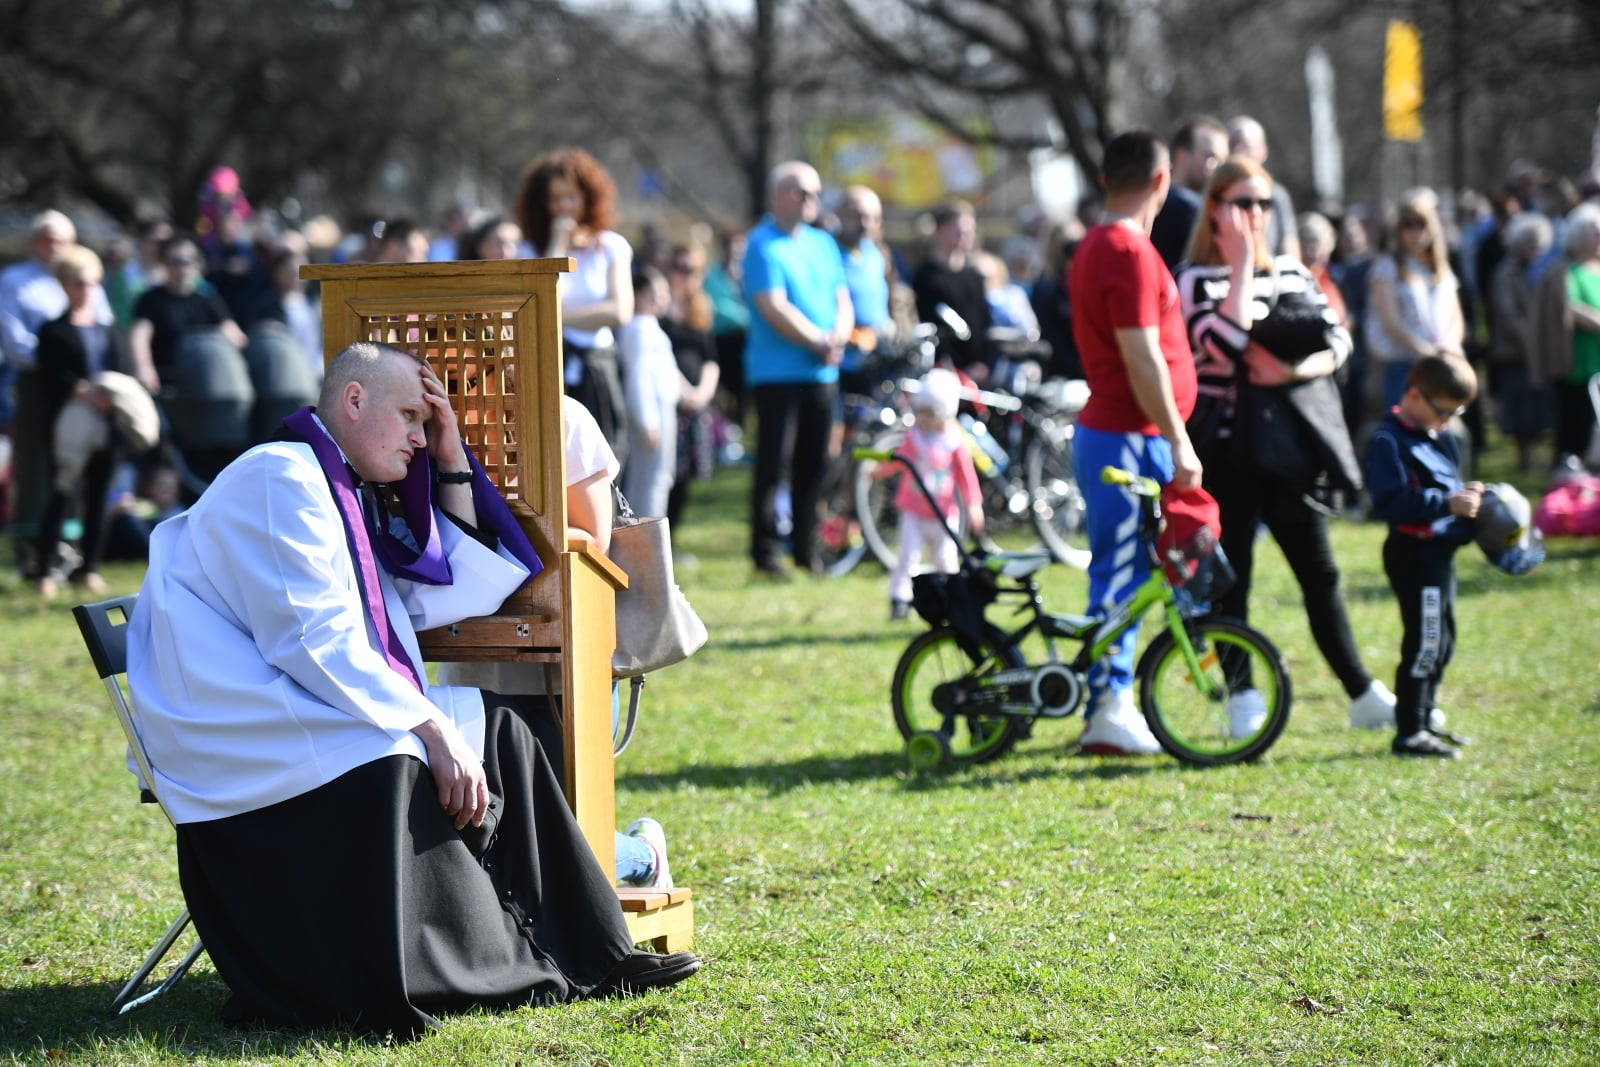 SpowiedŸź podczas mszy odprawionej przy figurze Jezusa Miłosiernego w Warszawie w Niedzielę Miłosierdzia Bożego, fot. PAP/Jacek Turczyk